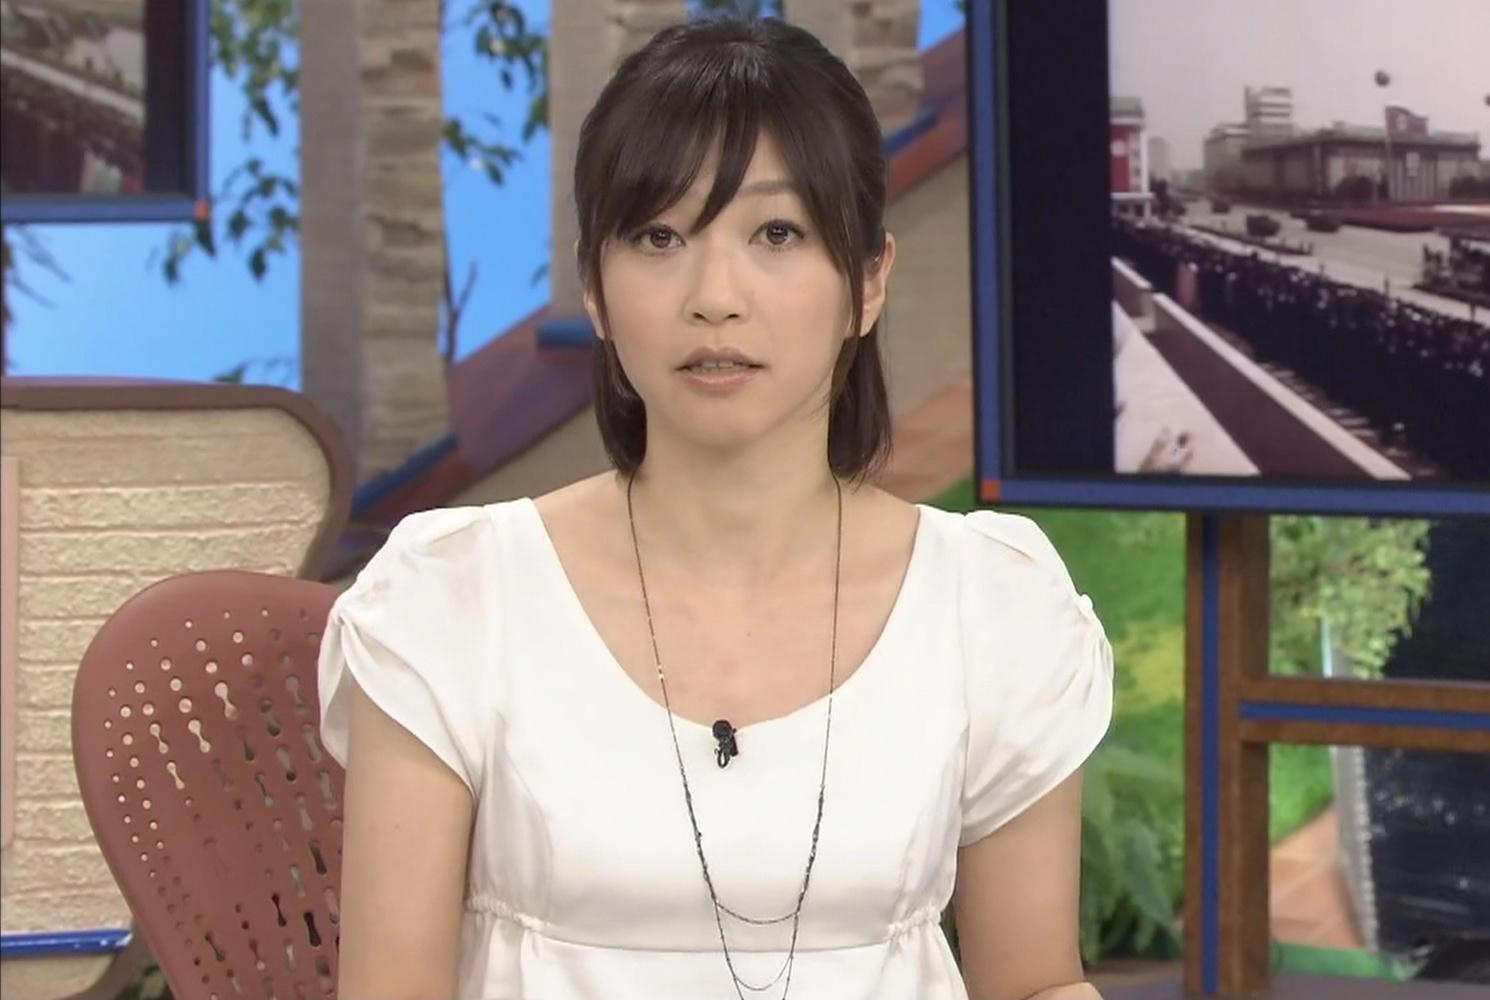 久保田智子 胸の大きさを斜めから見るキャプ画像(エロ・アイコラ画像)